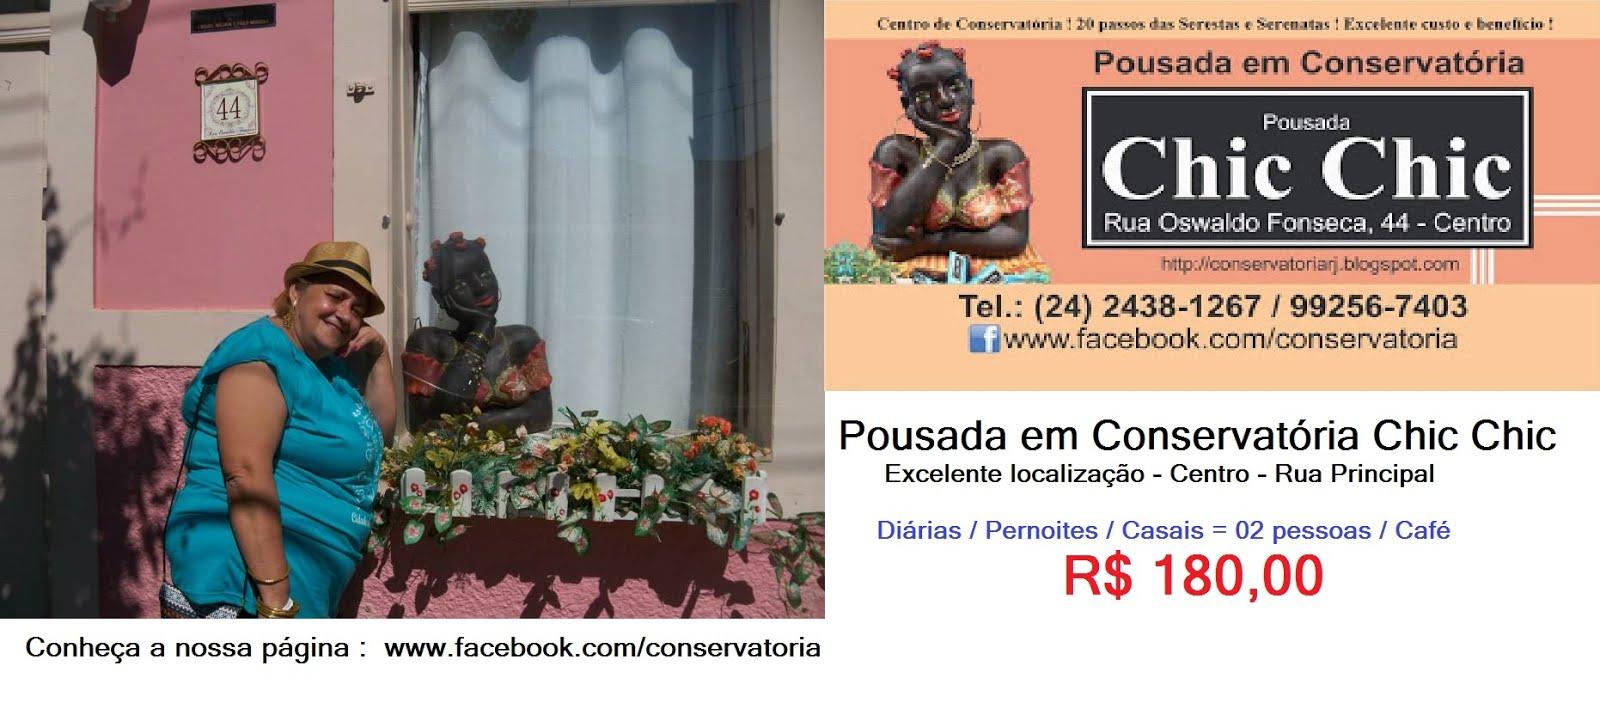 A #melhor #pousada no #centro de #Conservatória